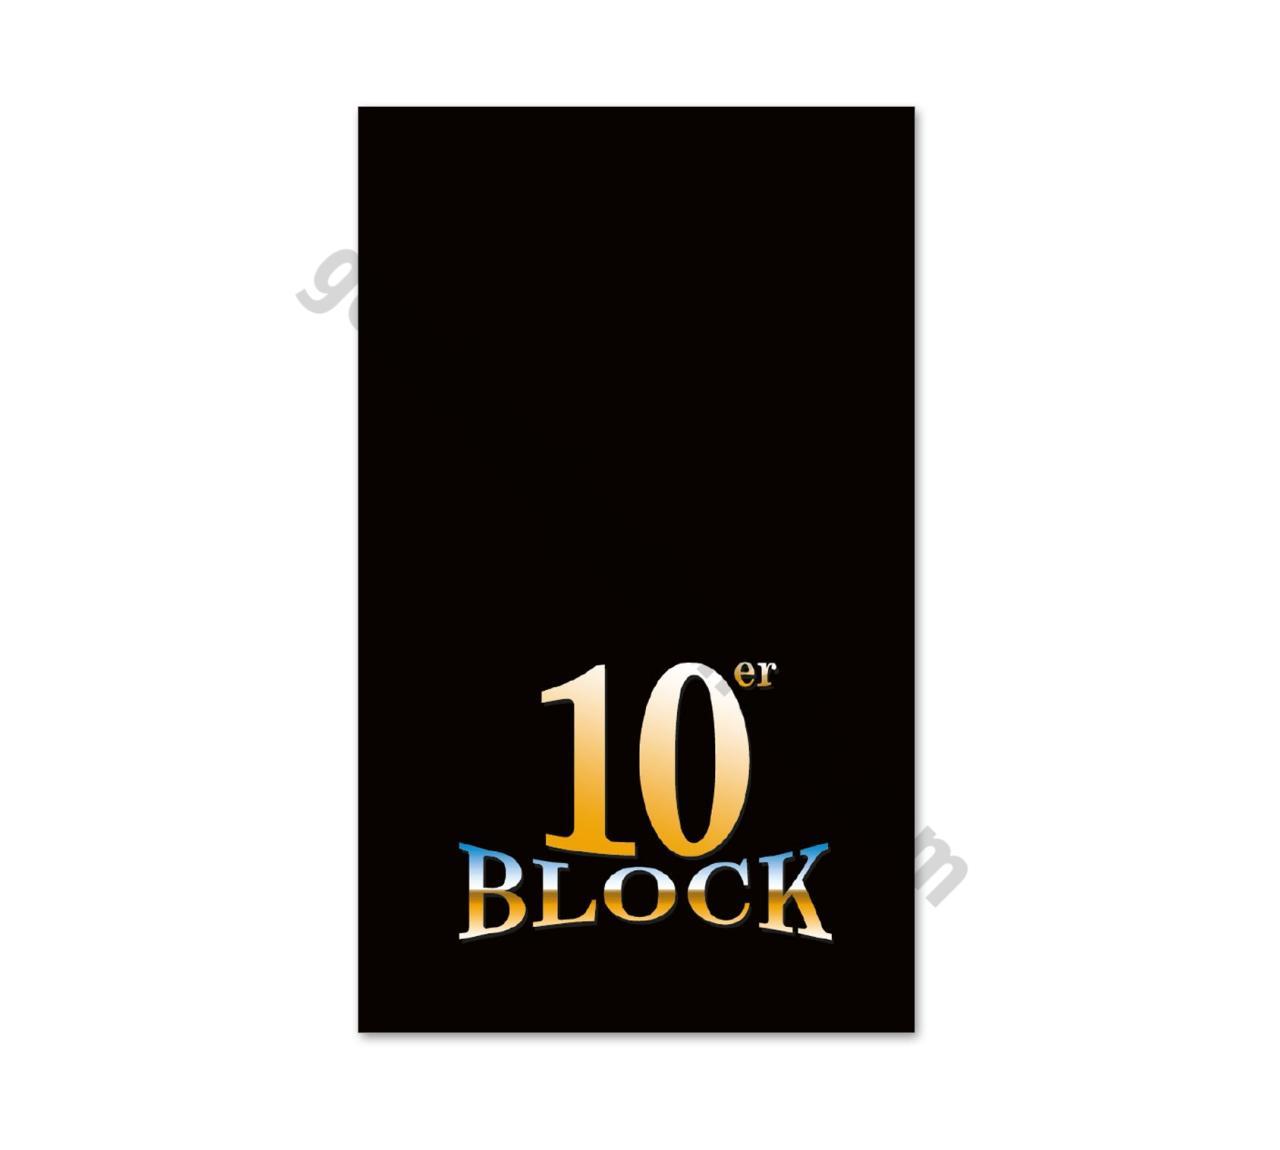 U401 10er-Block   Geschenkgutschein.com - Mit den schönsten ...